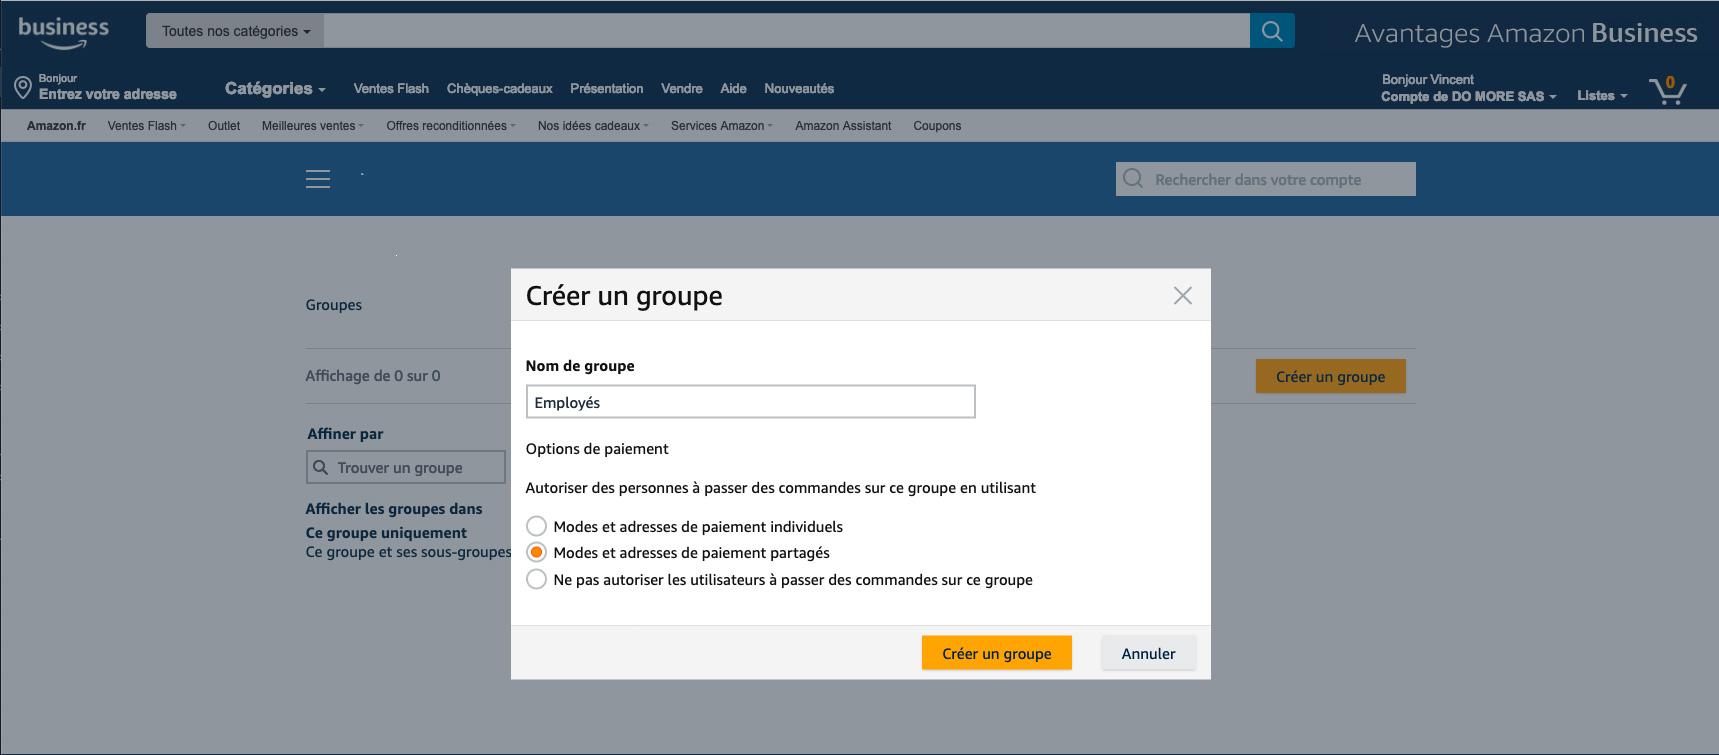 Gestion des groupes sur Amazon Business